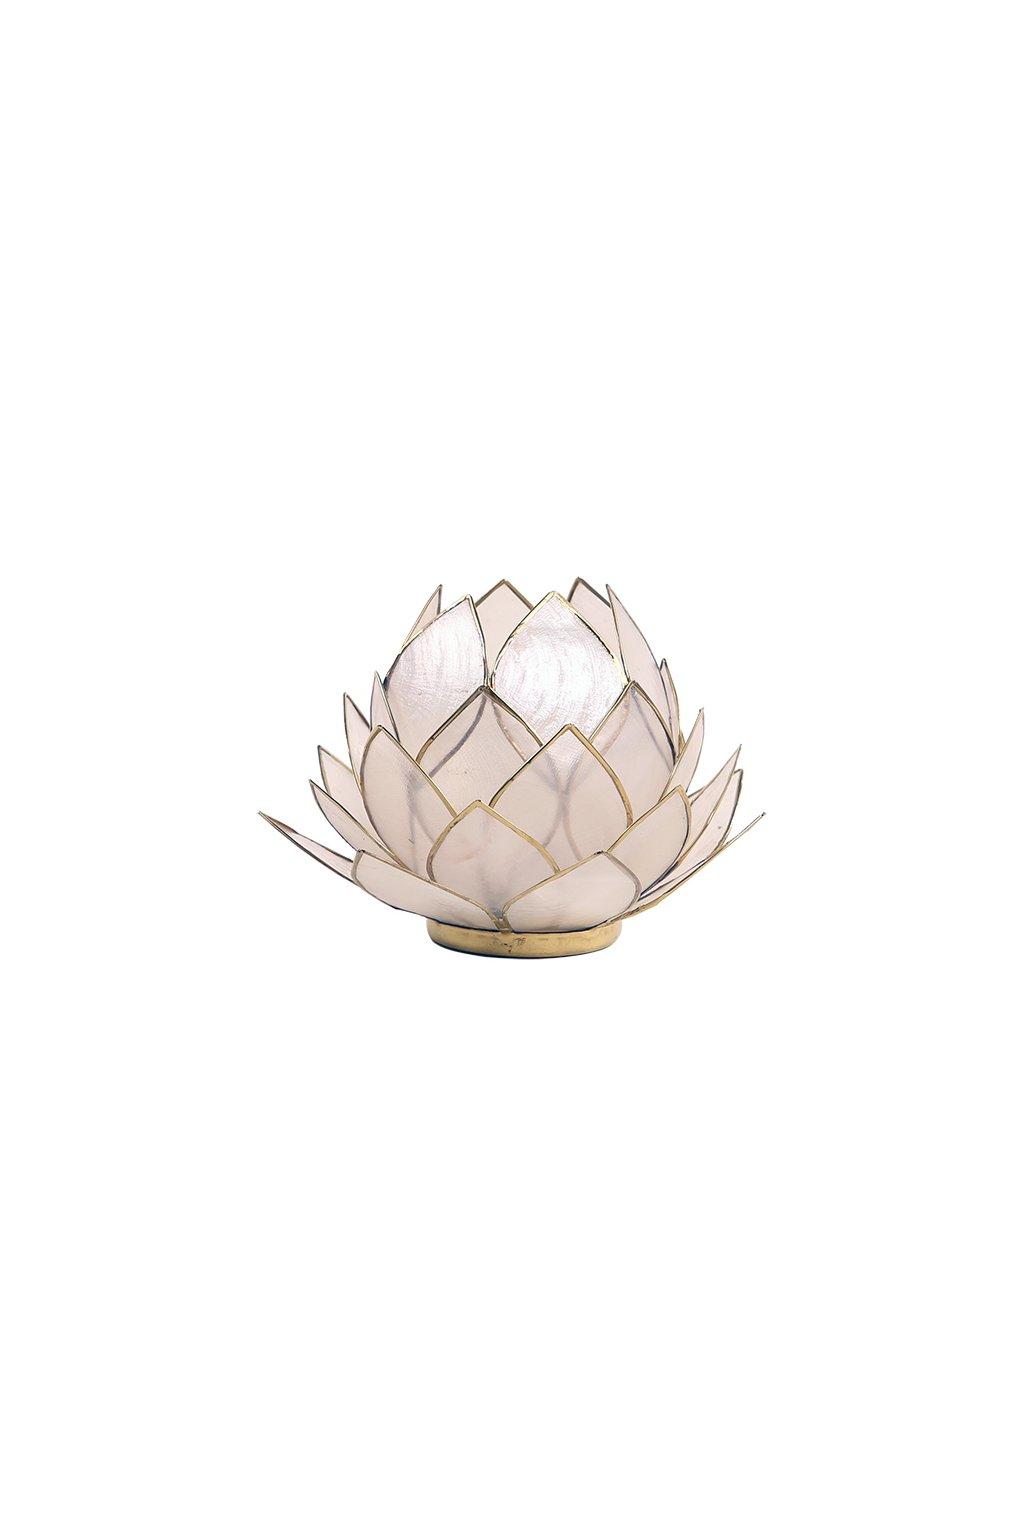 Lotosový svícen - Natural - velký